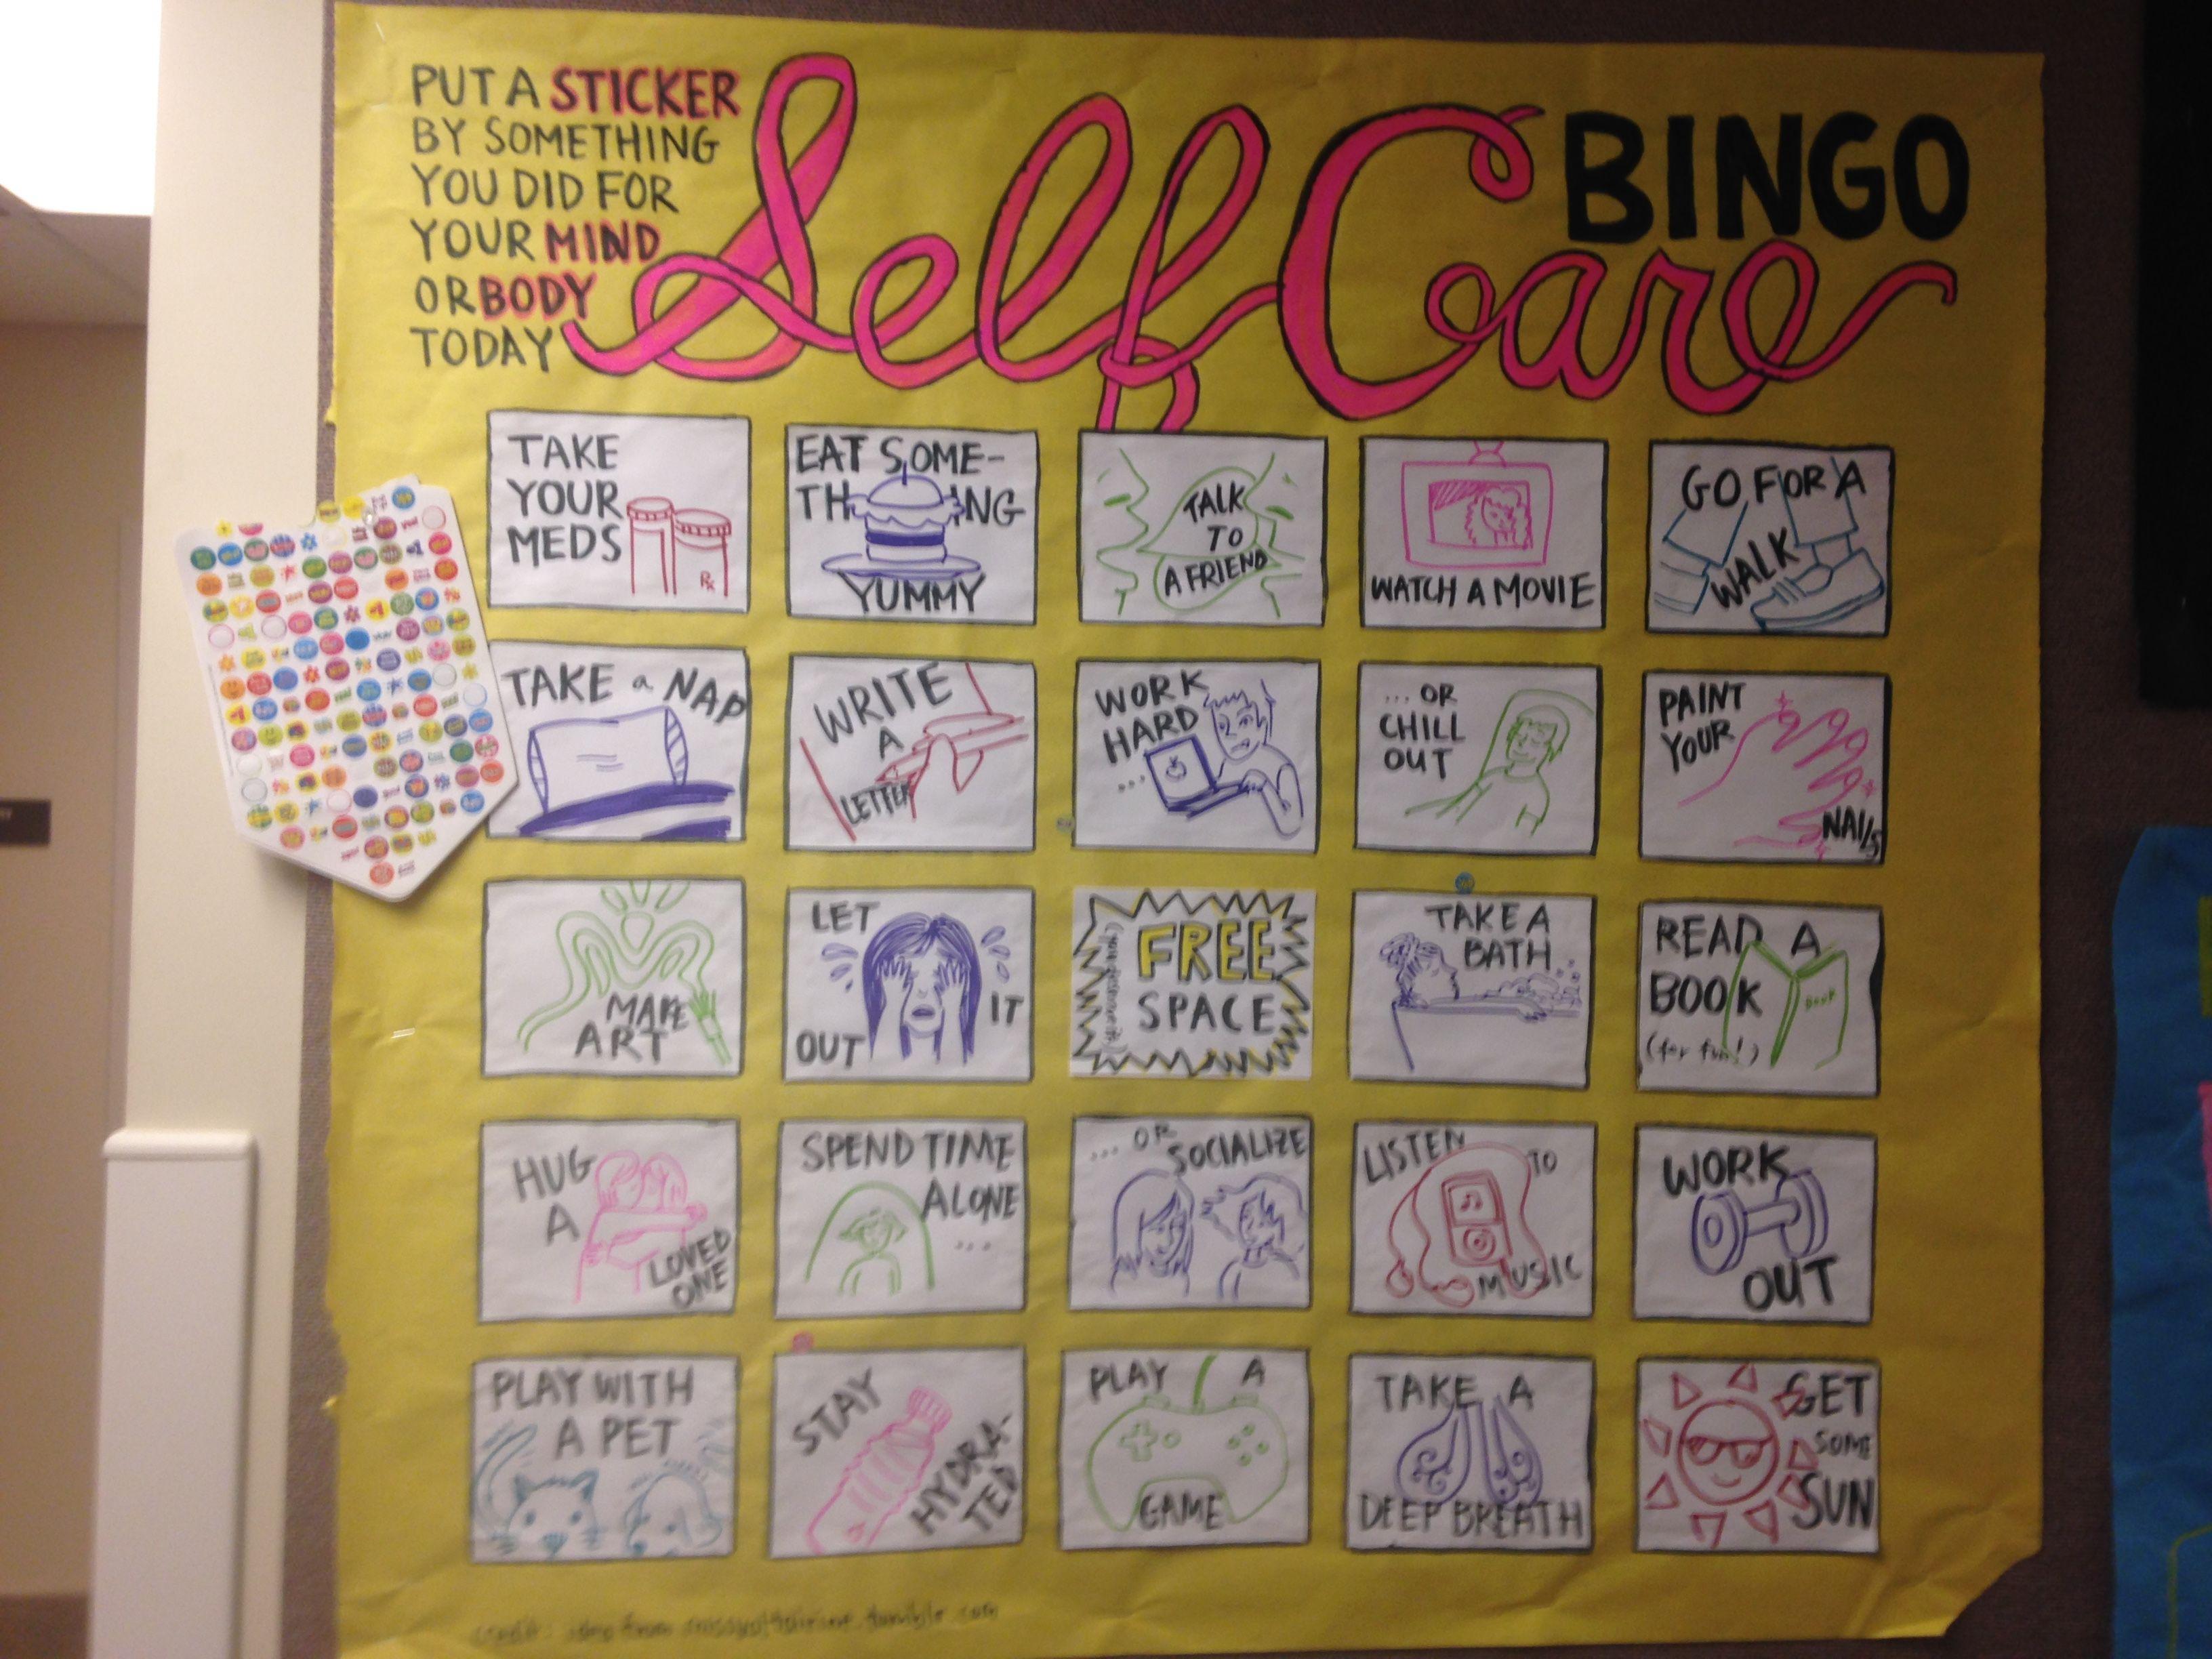 Care Bingo Health And Wellness Passive Program